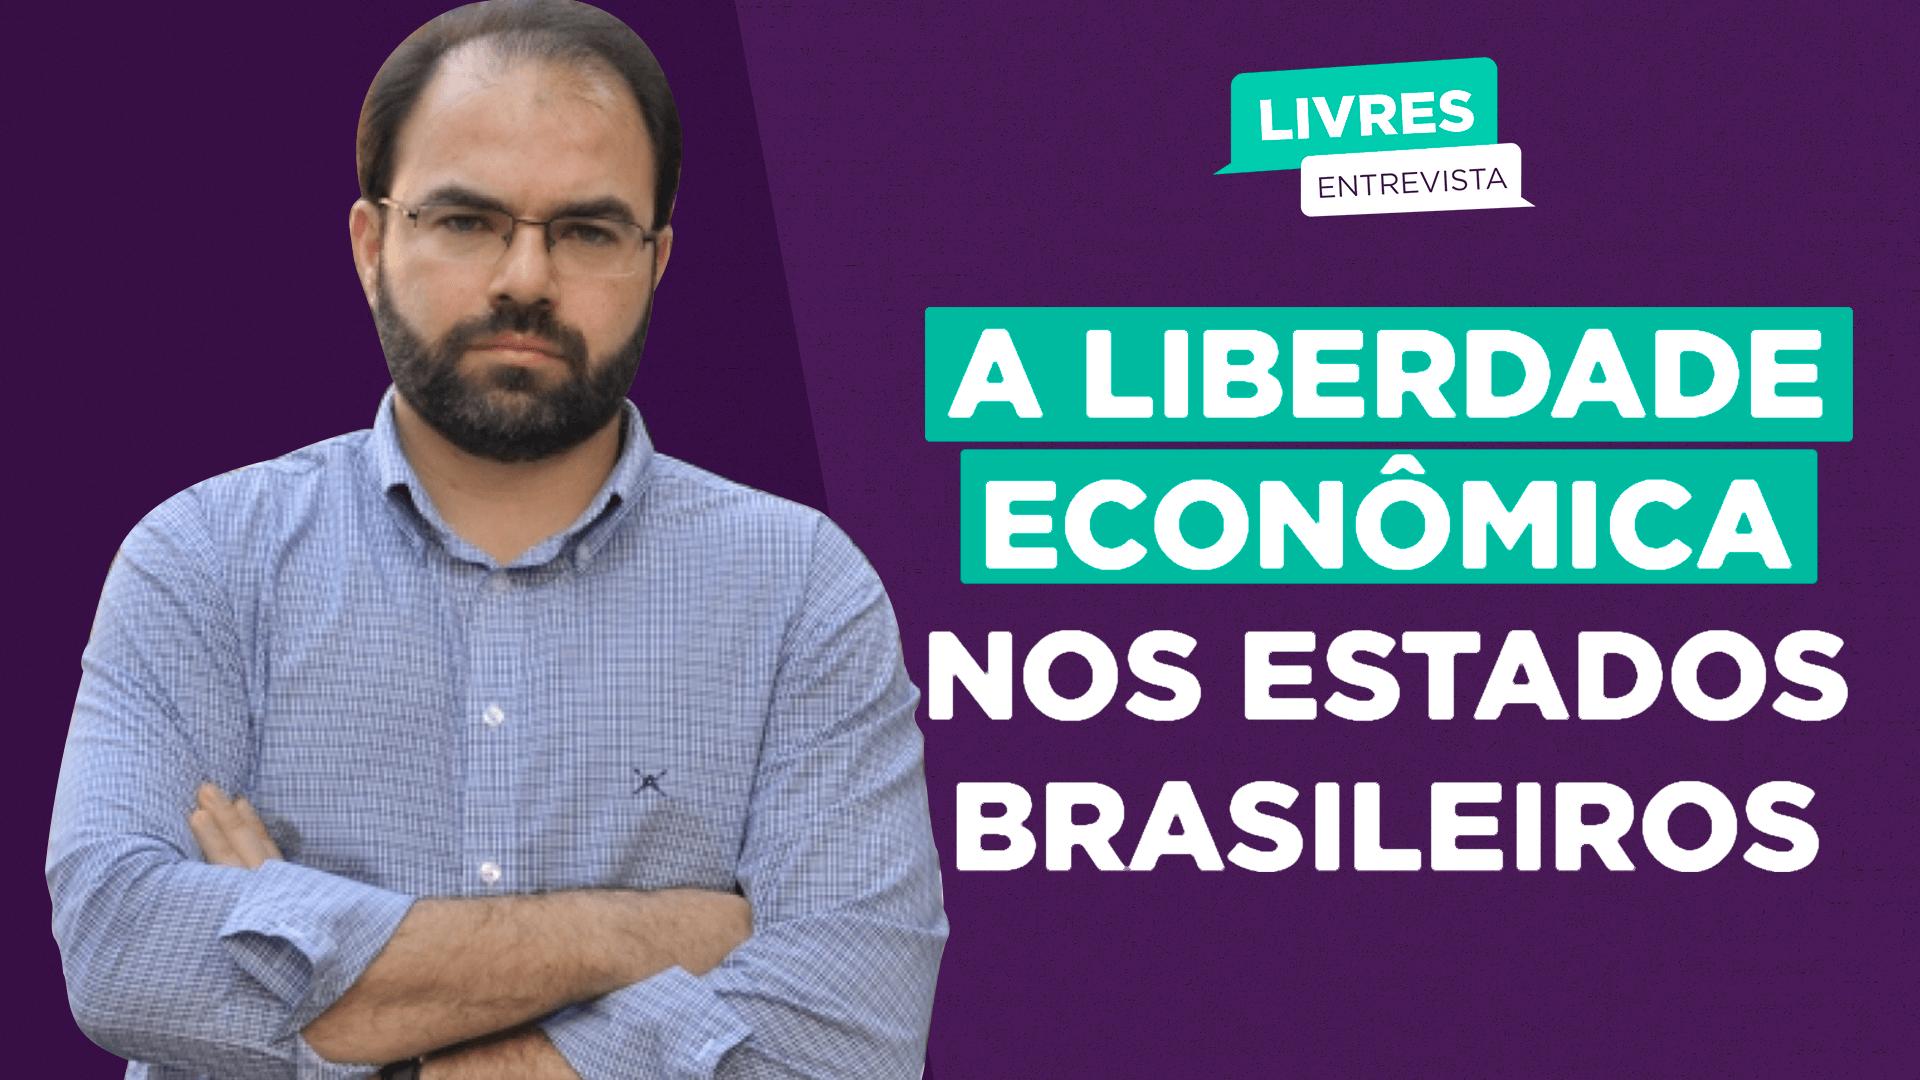 A liberdade econômica nos estados brasileiros